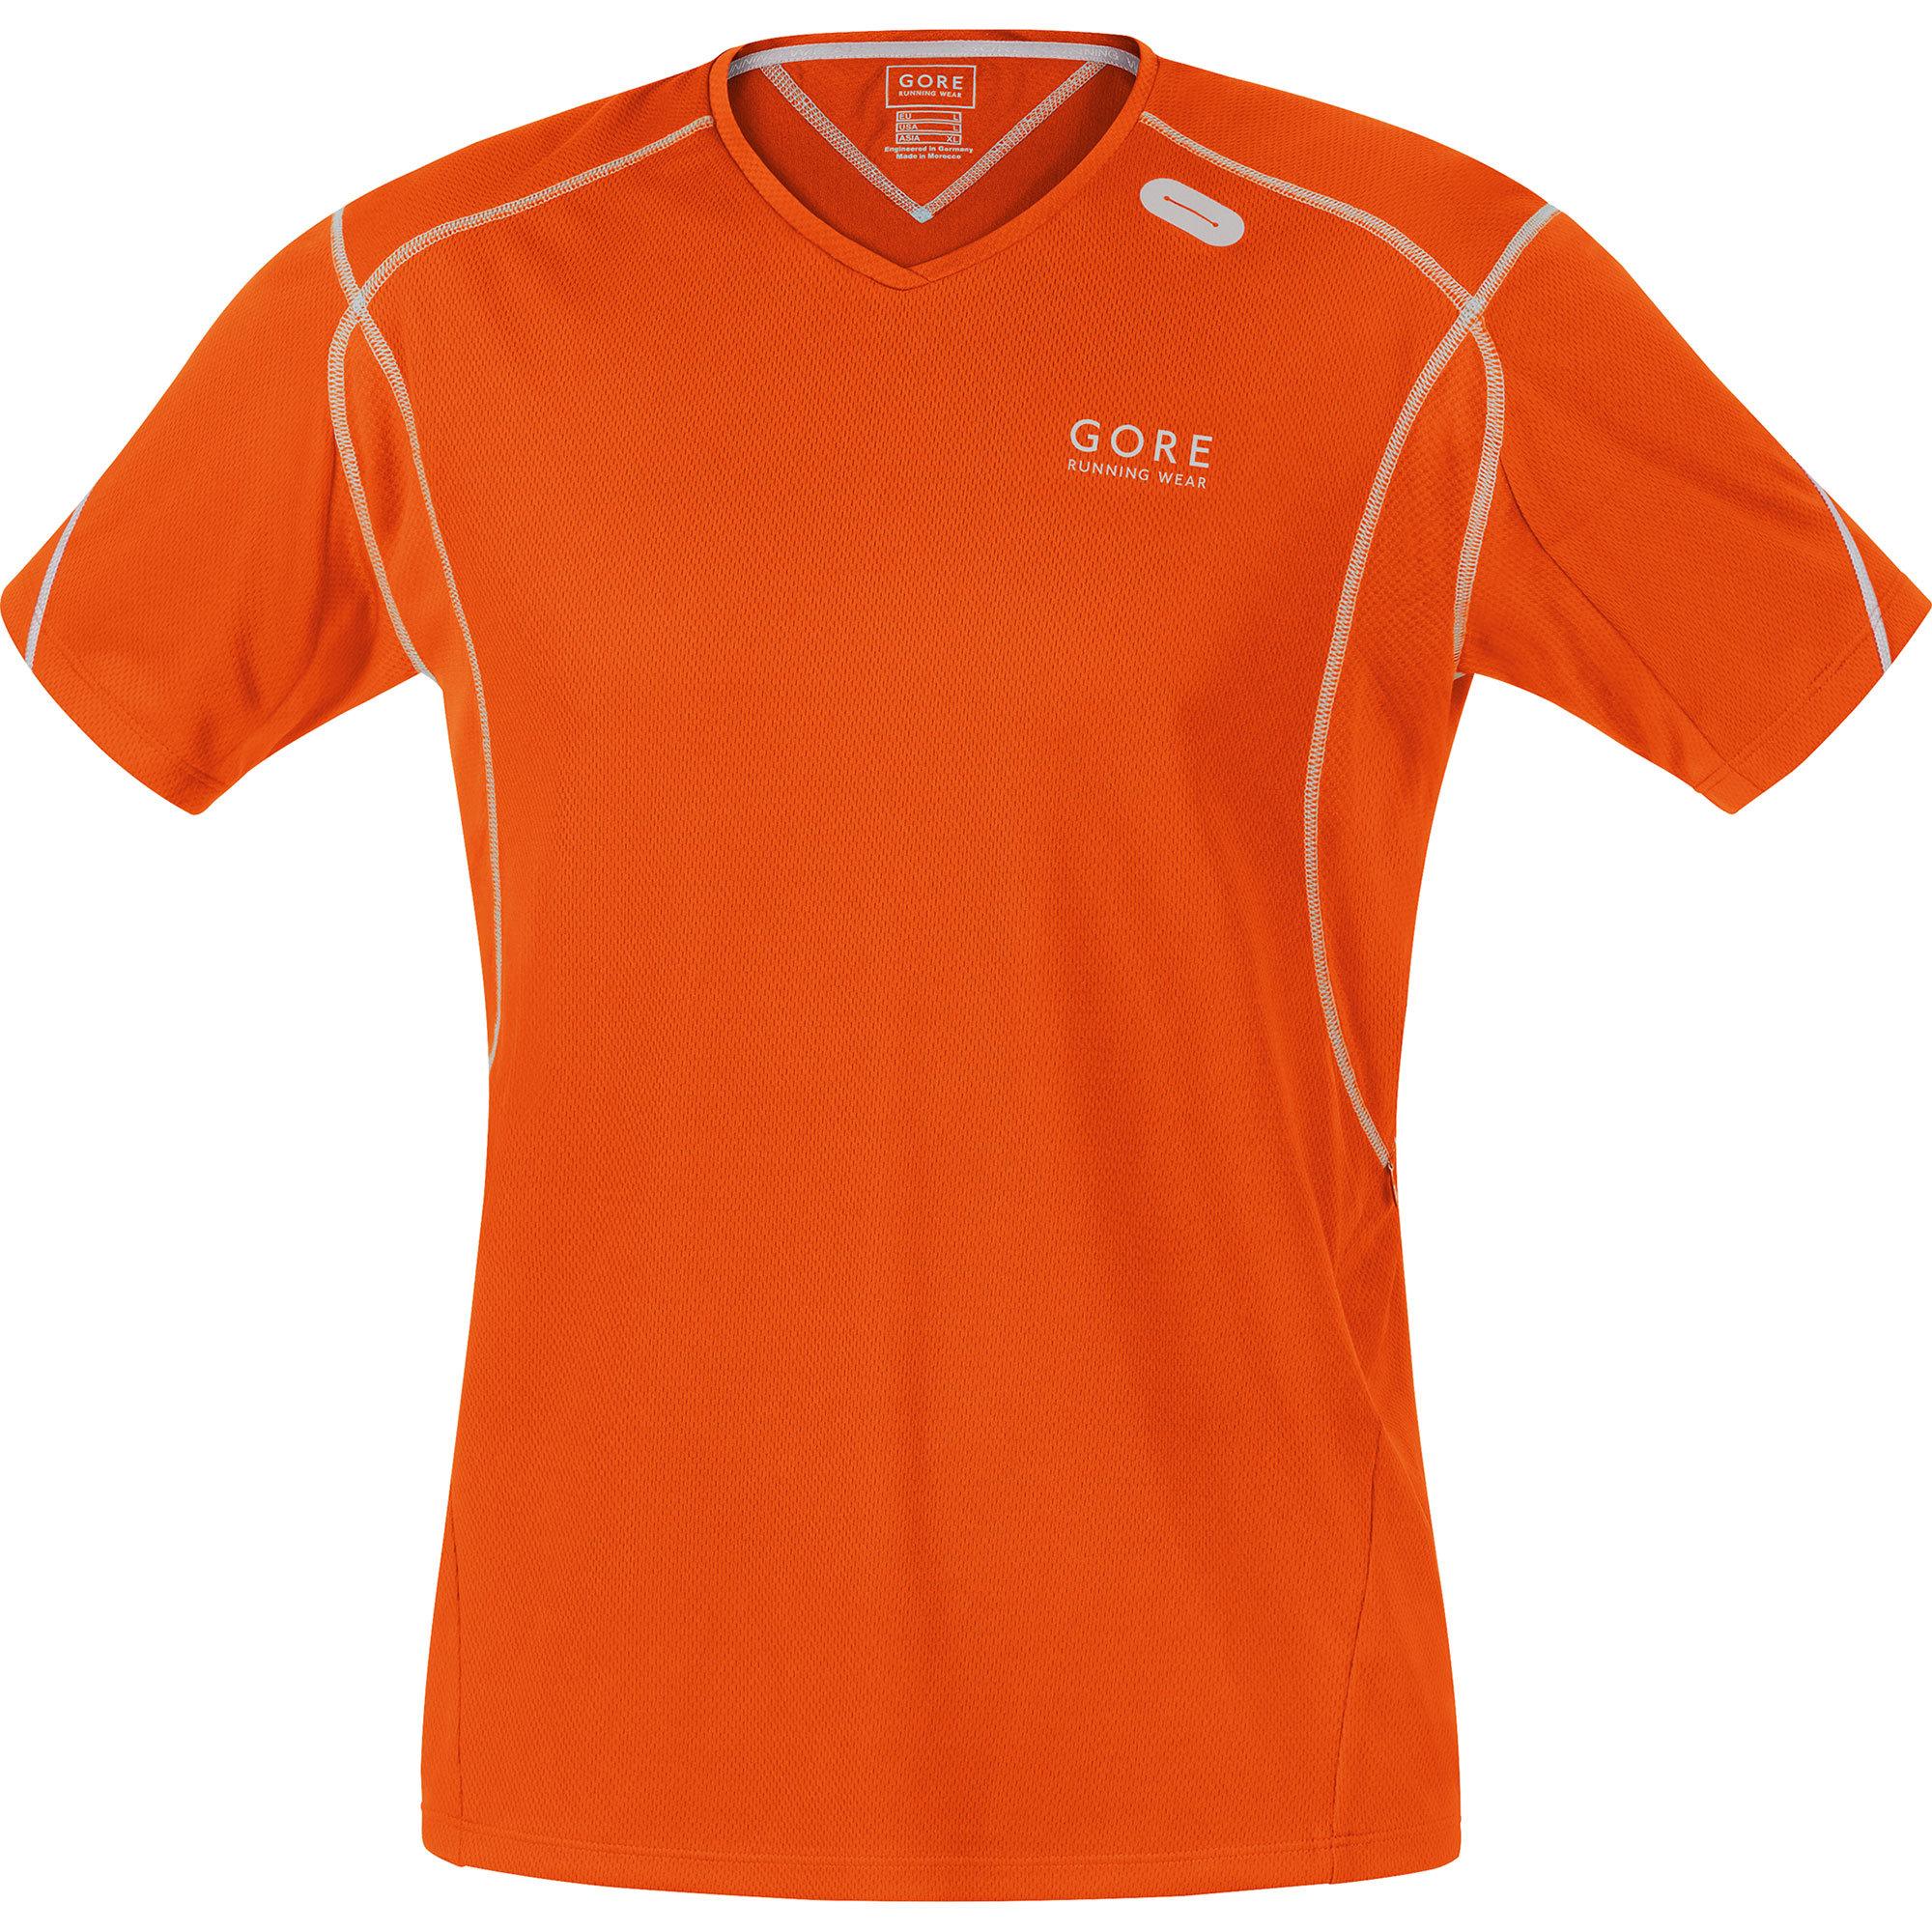 Gore Essential Shirt in Orange